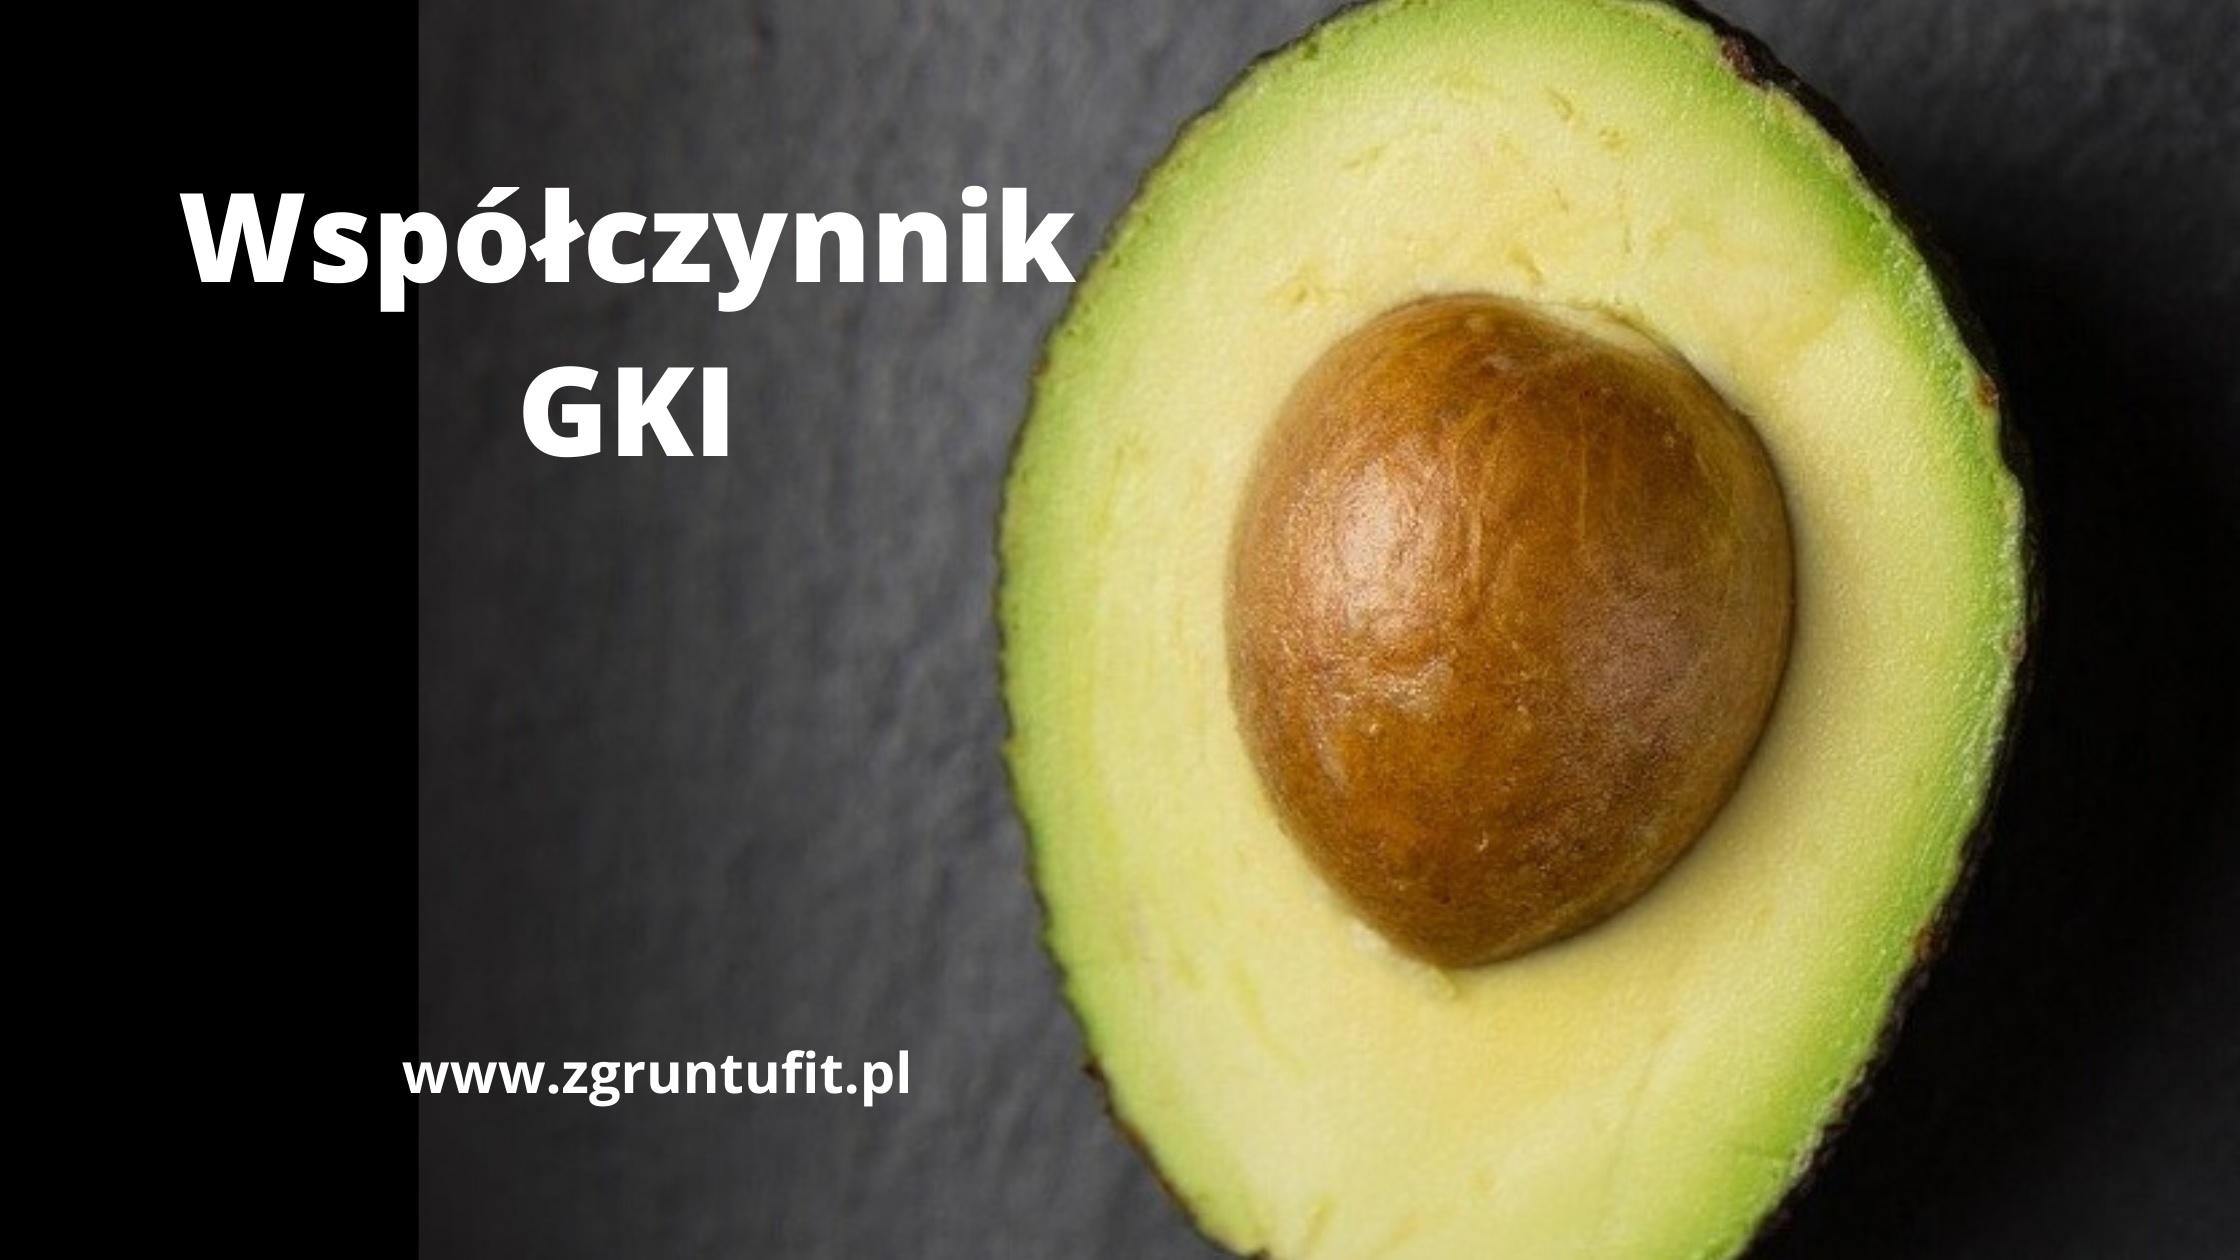 Współczynnik GKI (Glucose Ketone Index)